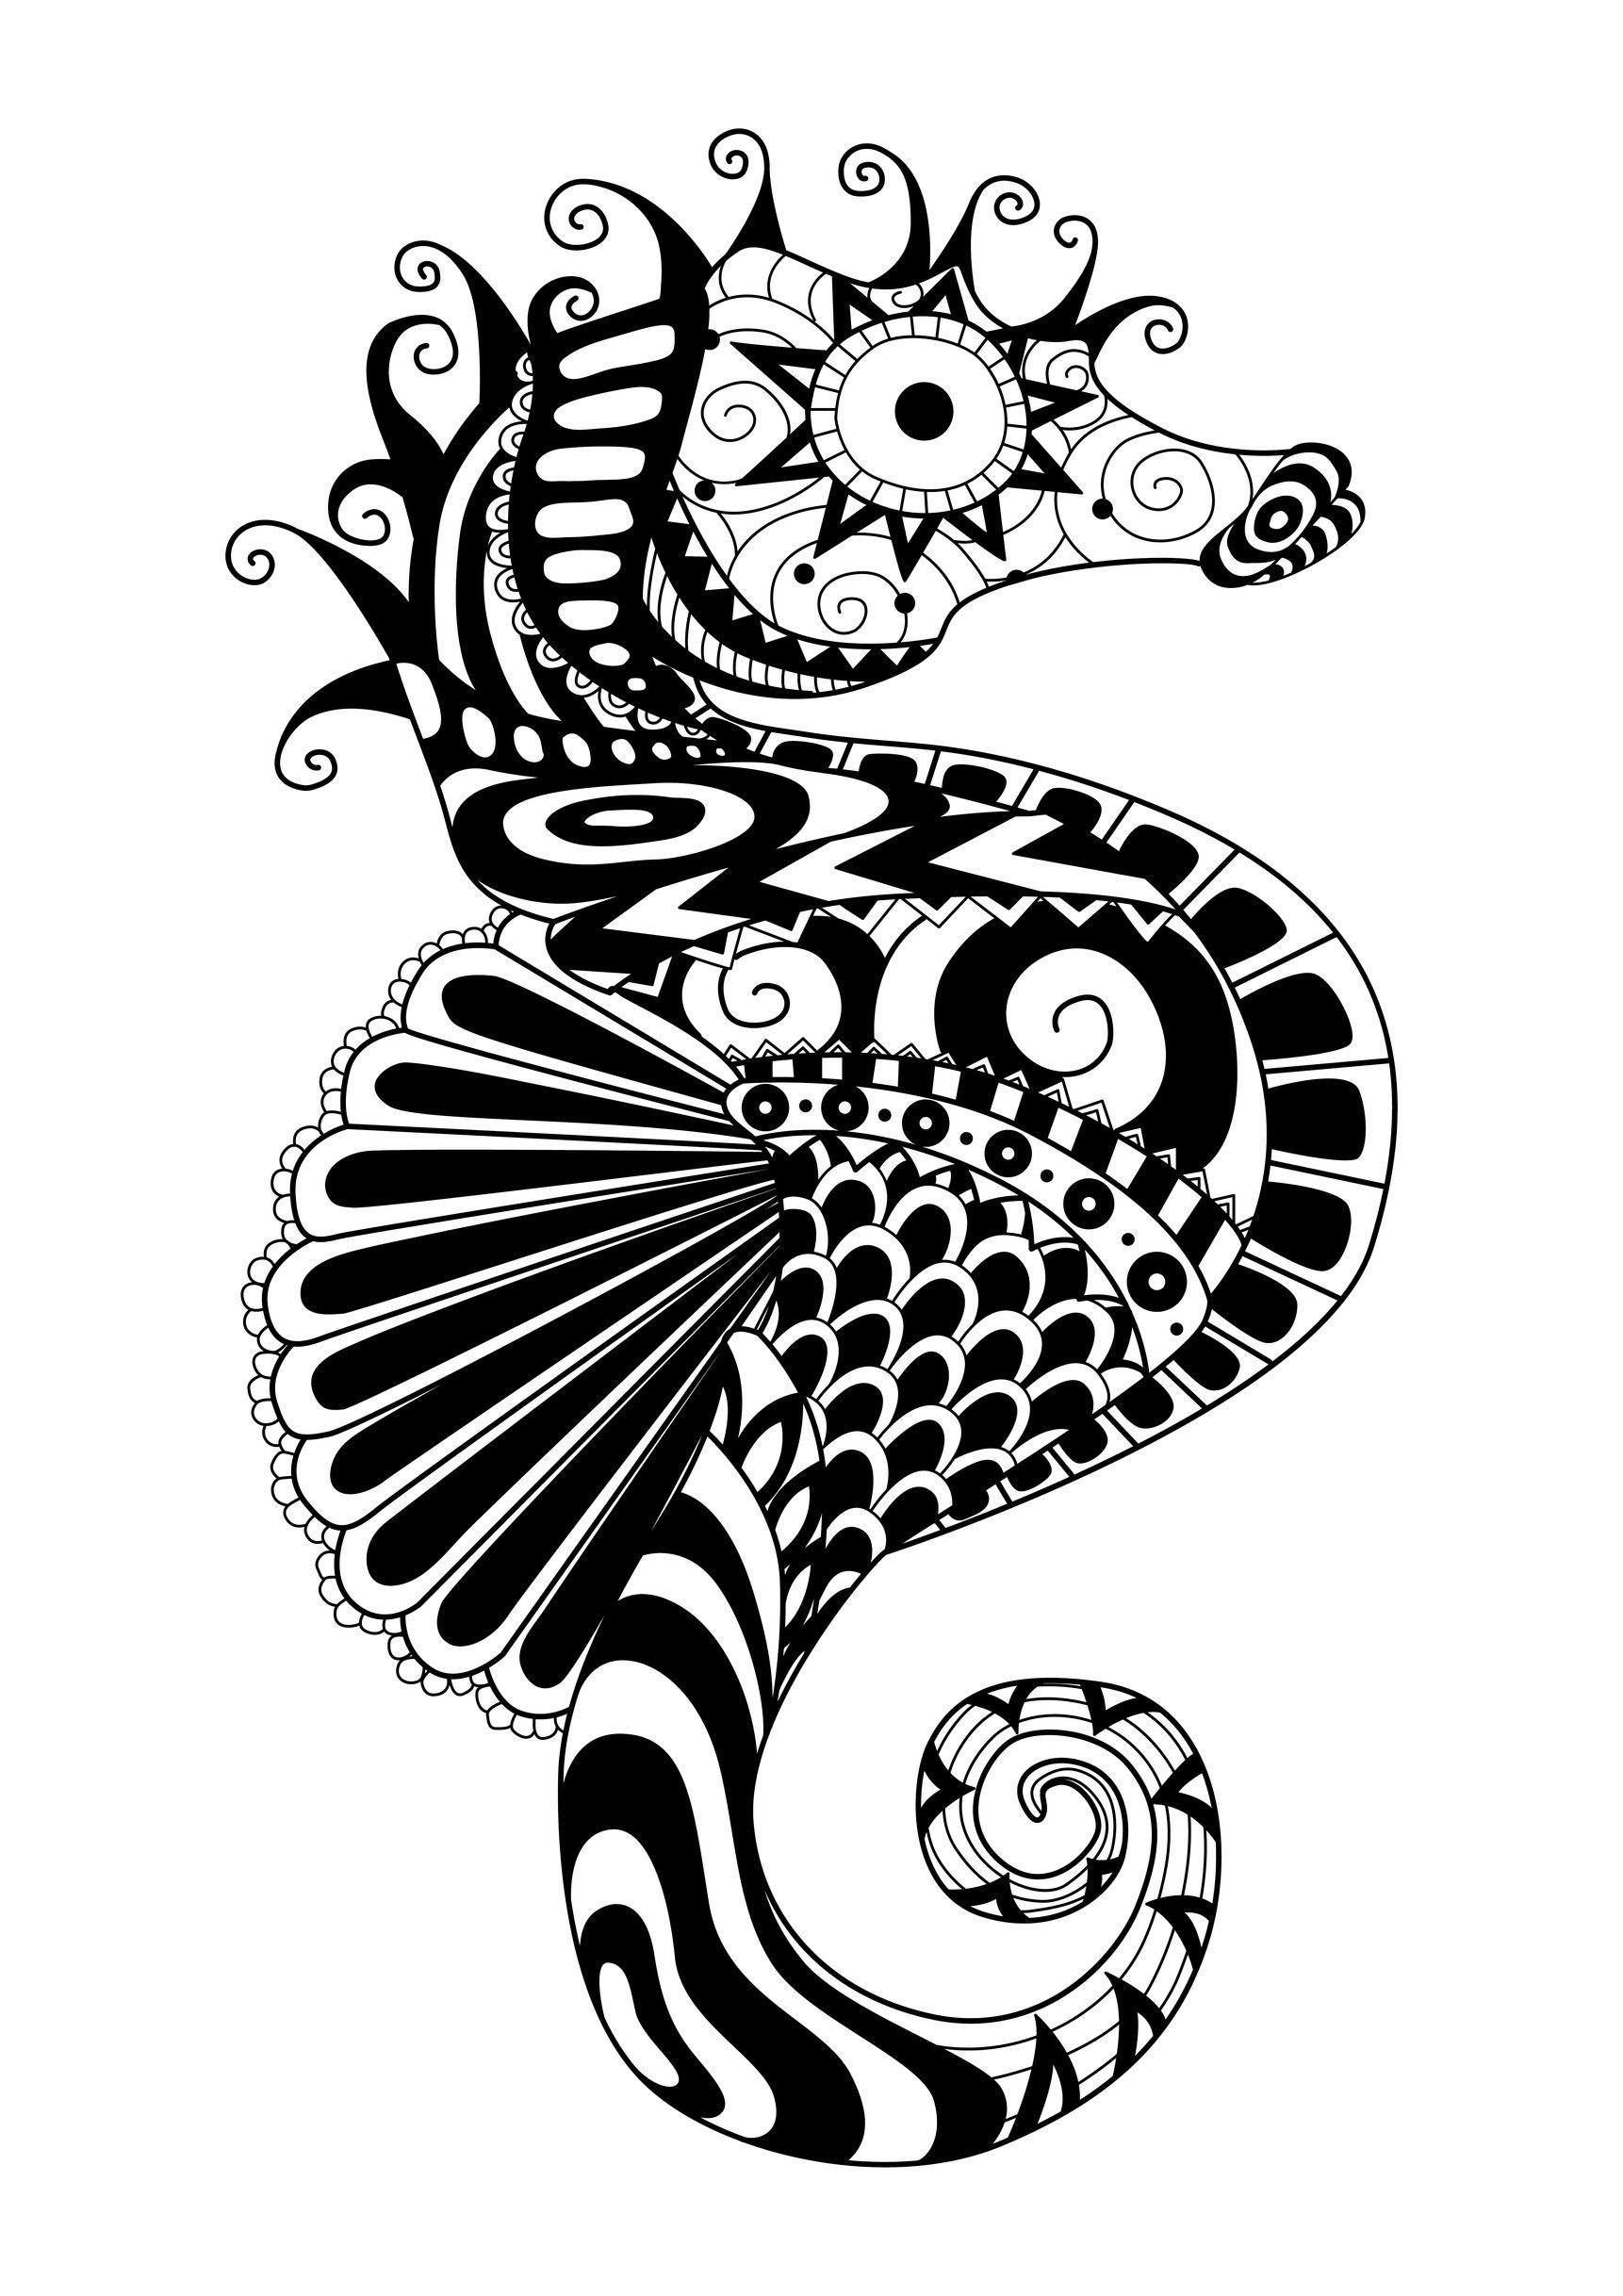 Un hyppocampe dessiné avec des motifs Zentangle simples, par Bimdeedee   A partir de la galerie : Mondes Aquatiques   Artiste : Bimdeedee   Source :  123rf